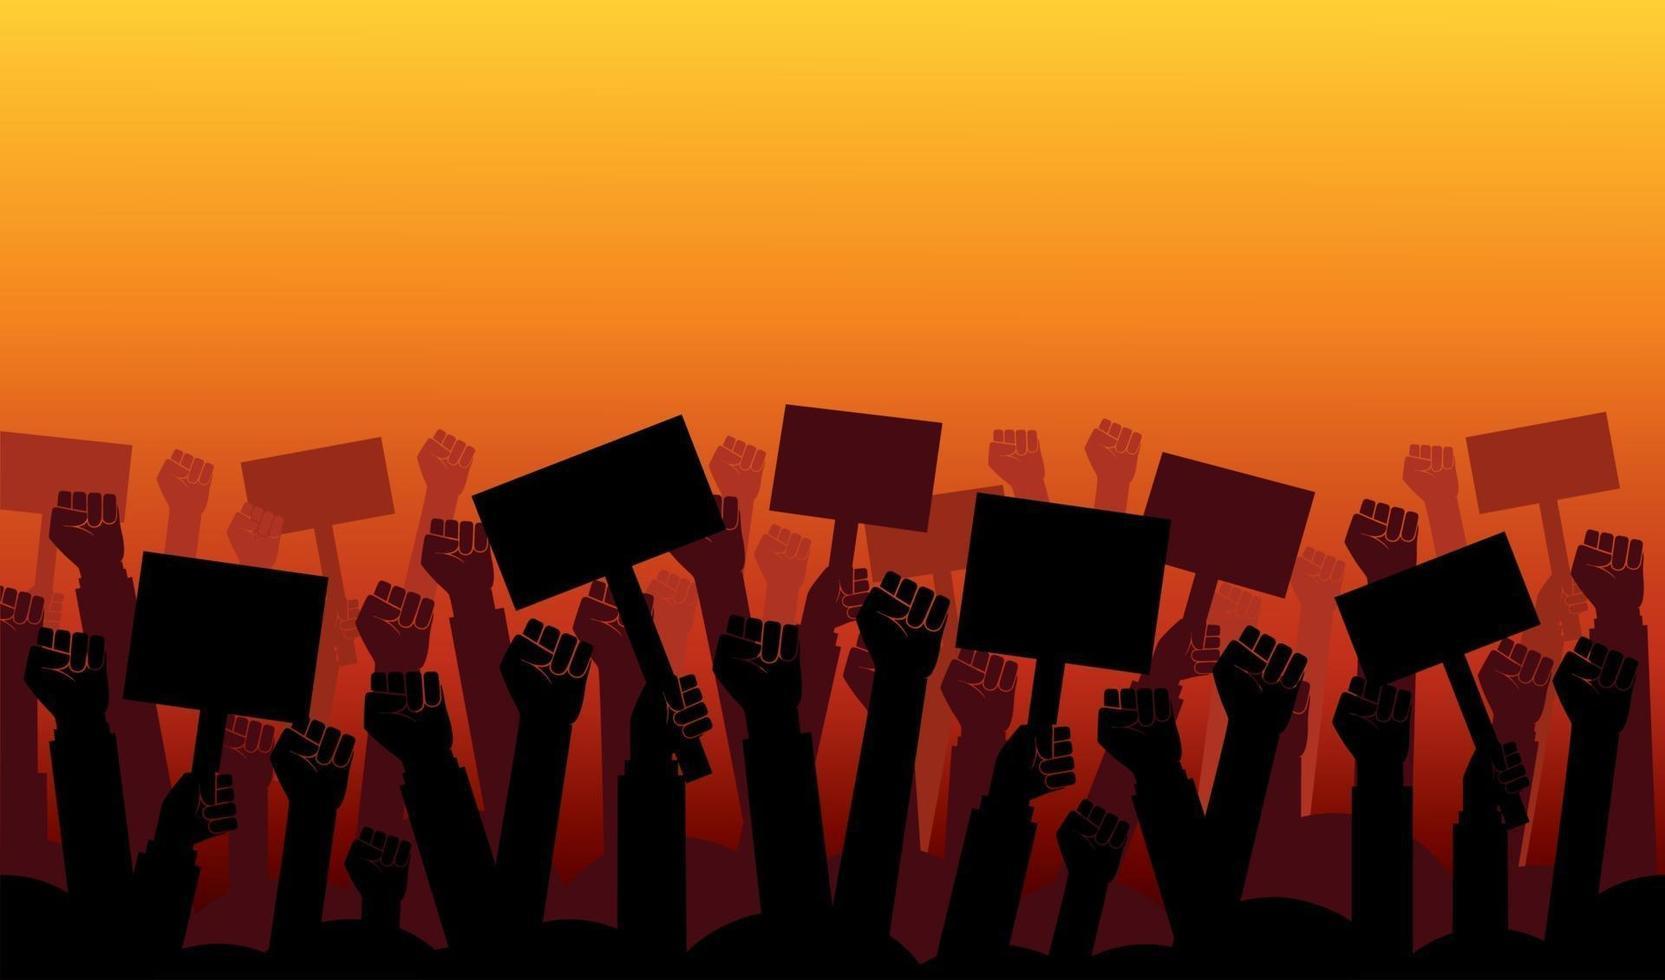 grupo de puños levantados en el aire. grupo de manifestantes puños levantados en el aire ilustración vectorial vector